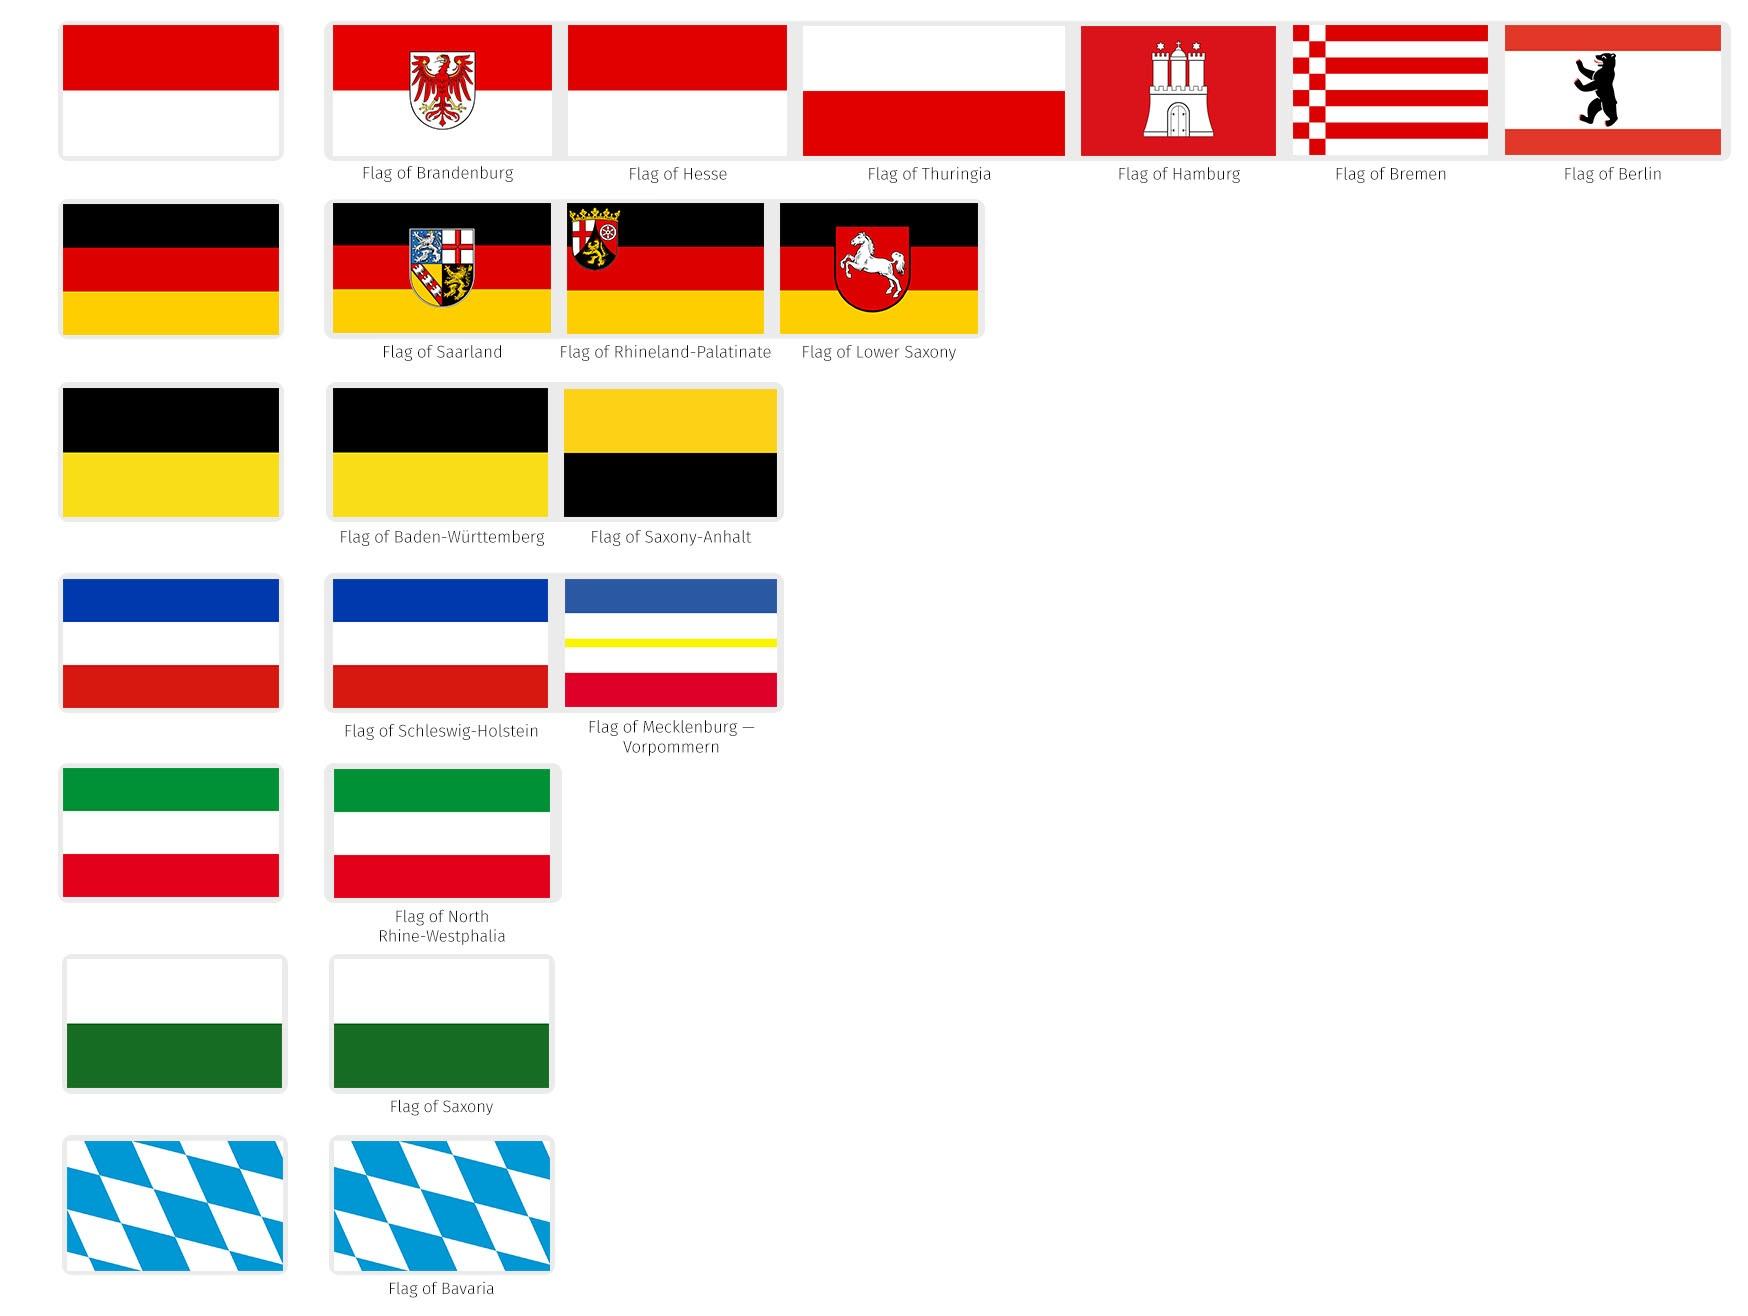 en55-heraldry-of-german-states_22